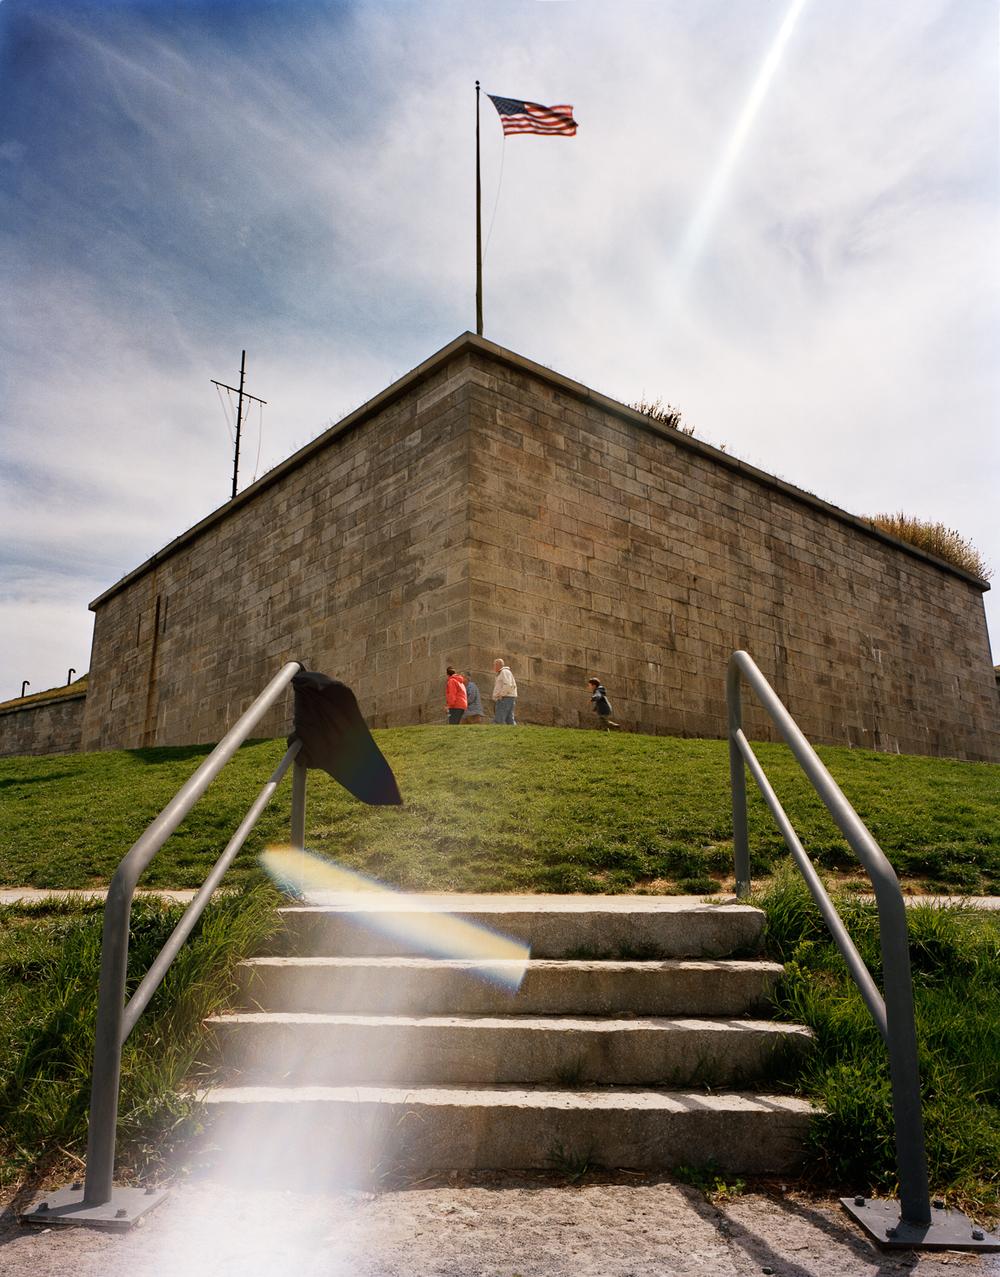 Tourism_CastleIsland_BlackFlag_P_IGFS.jpg